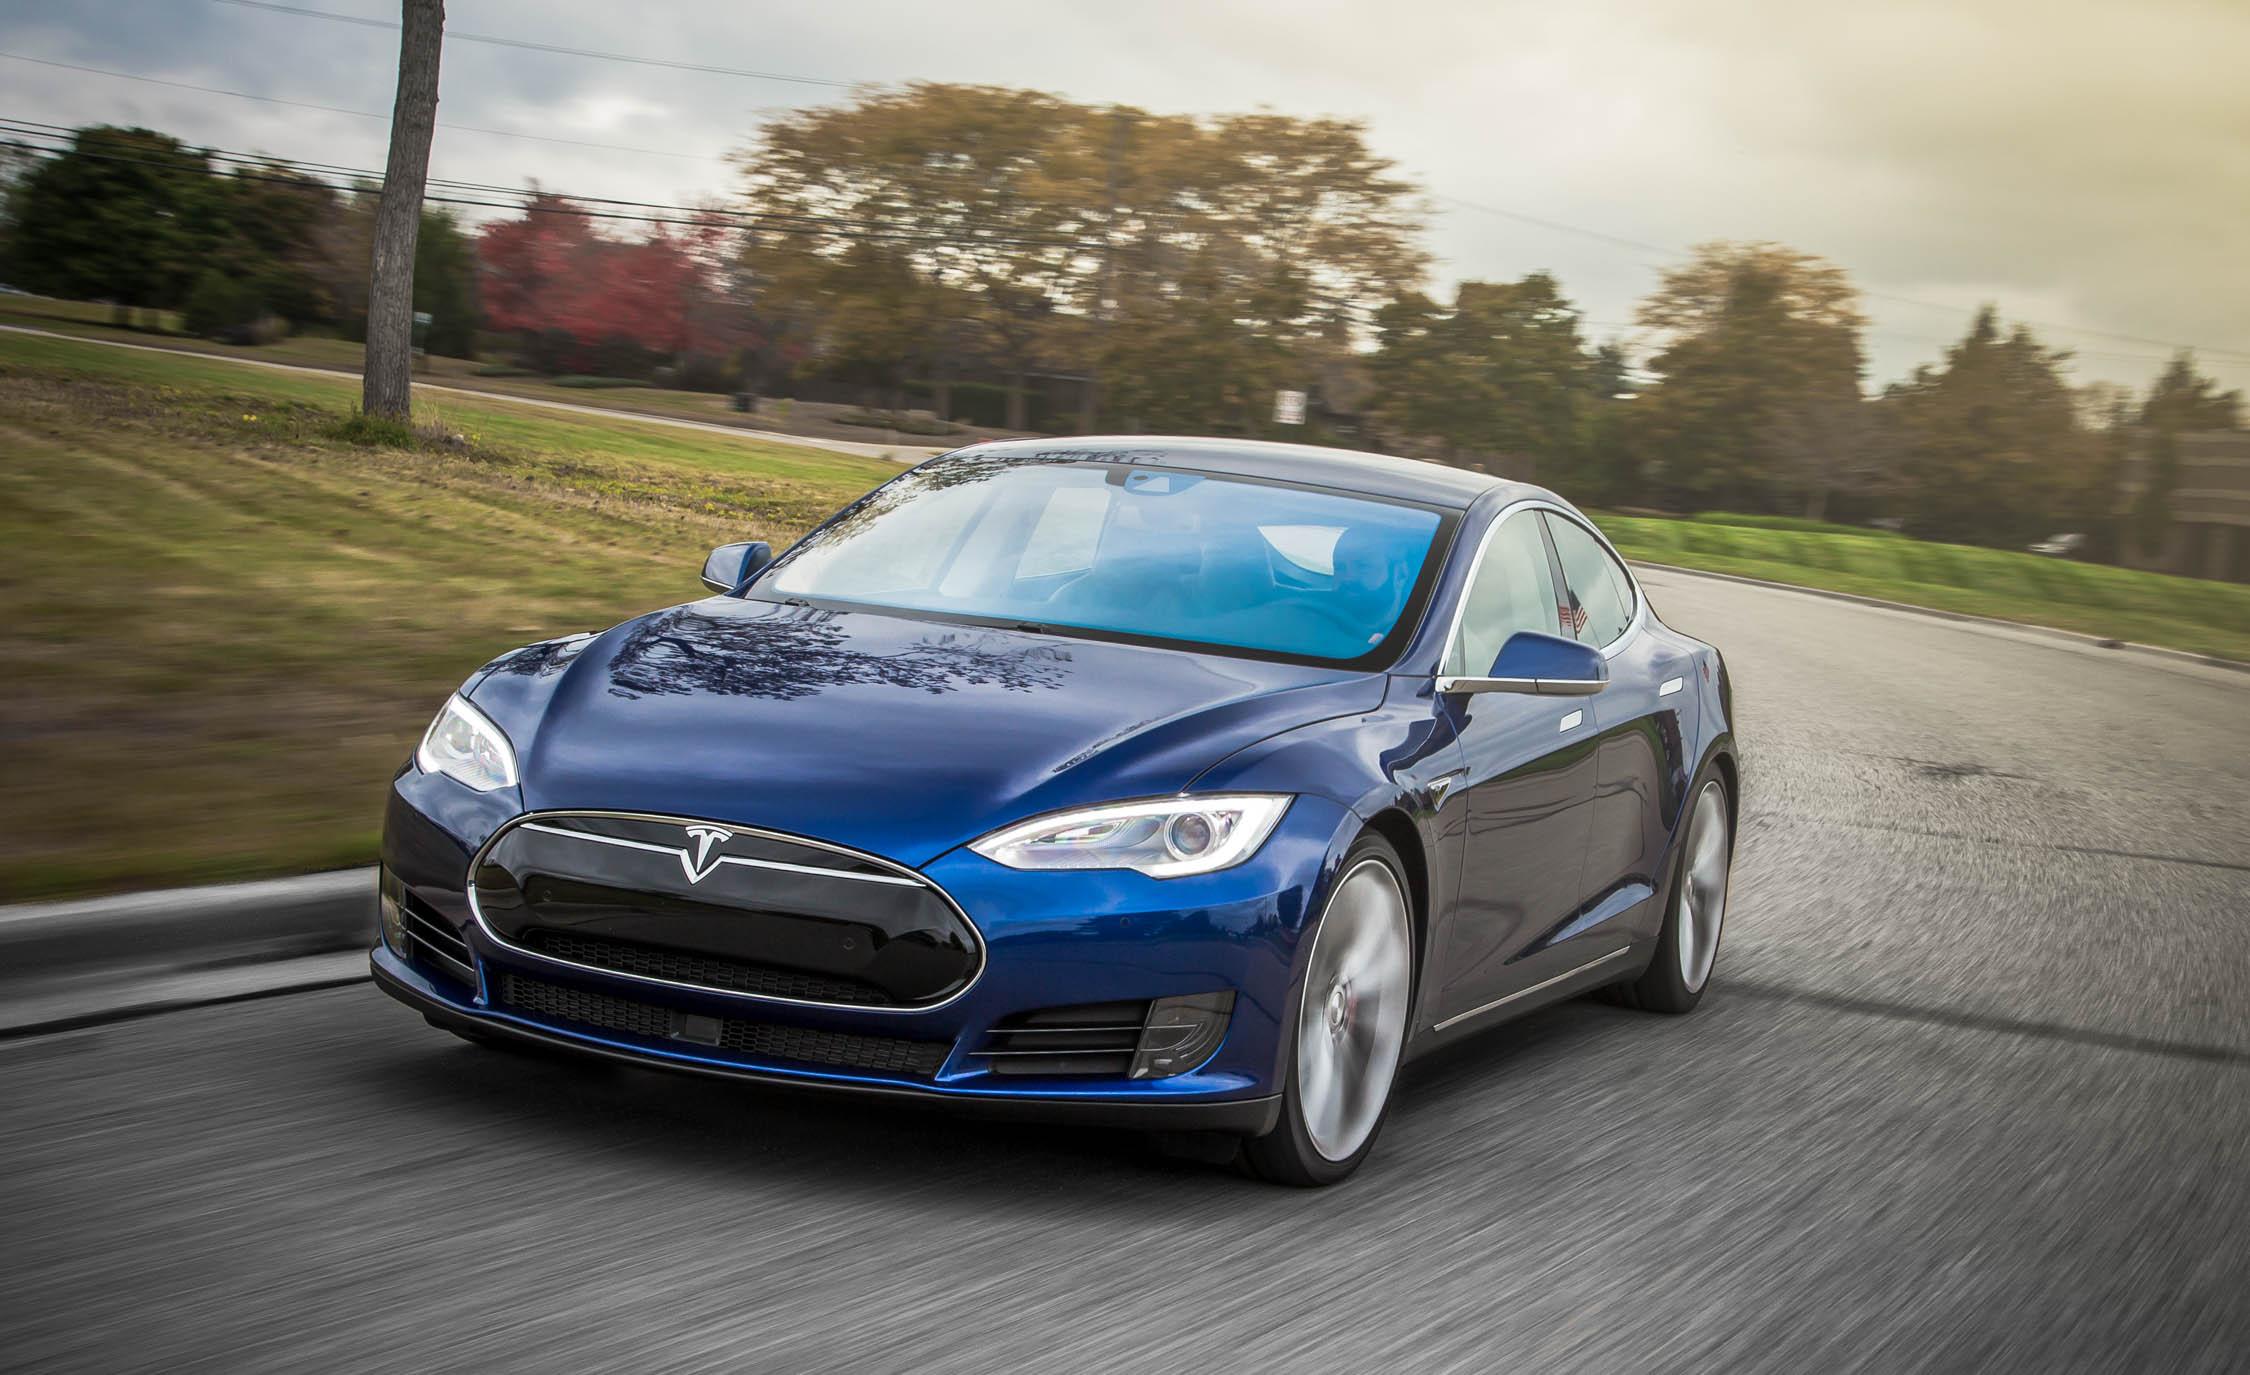 Ученые взломали бесключевой доступ электрокаров Tesla за 2 секунды